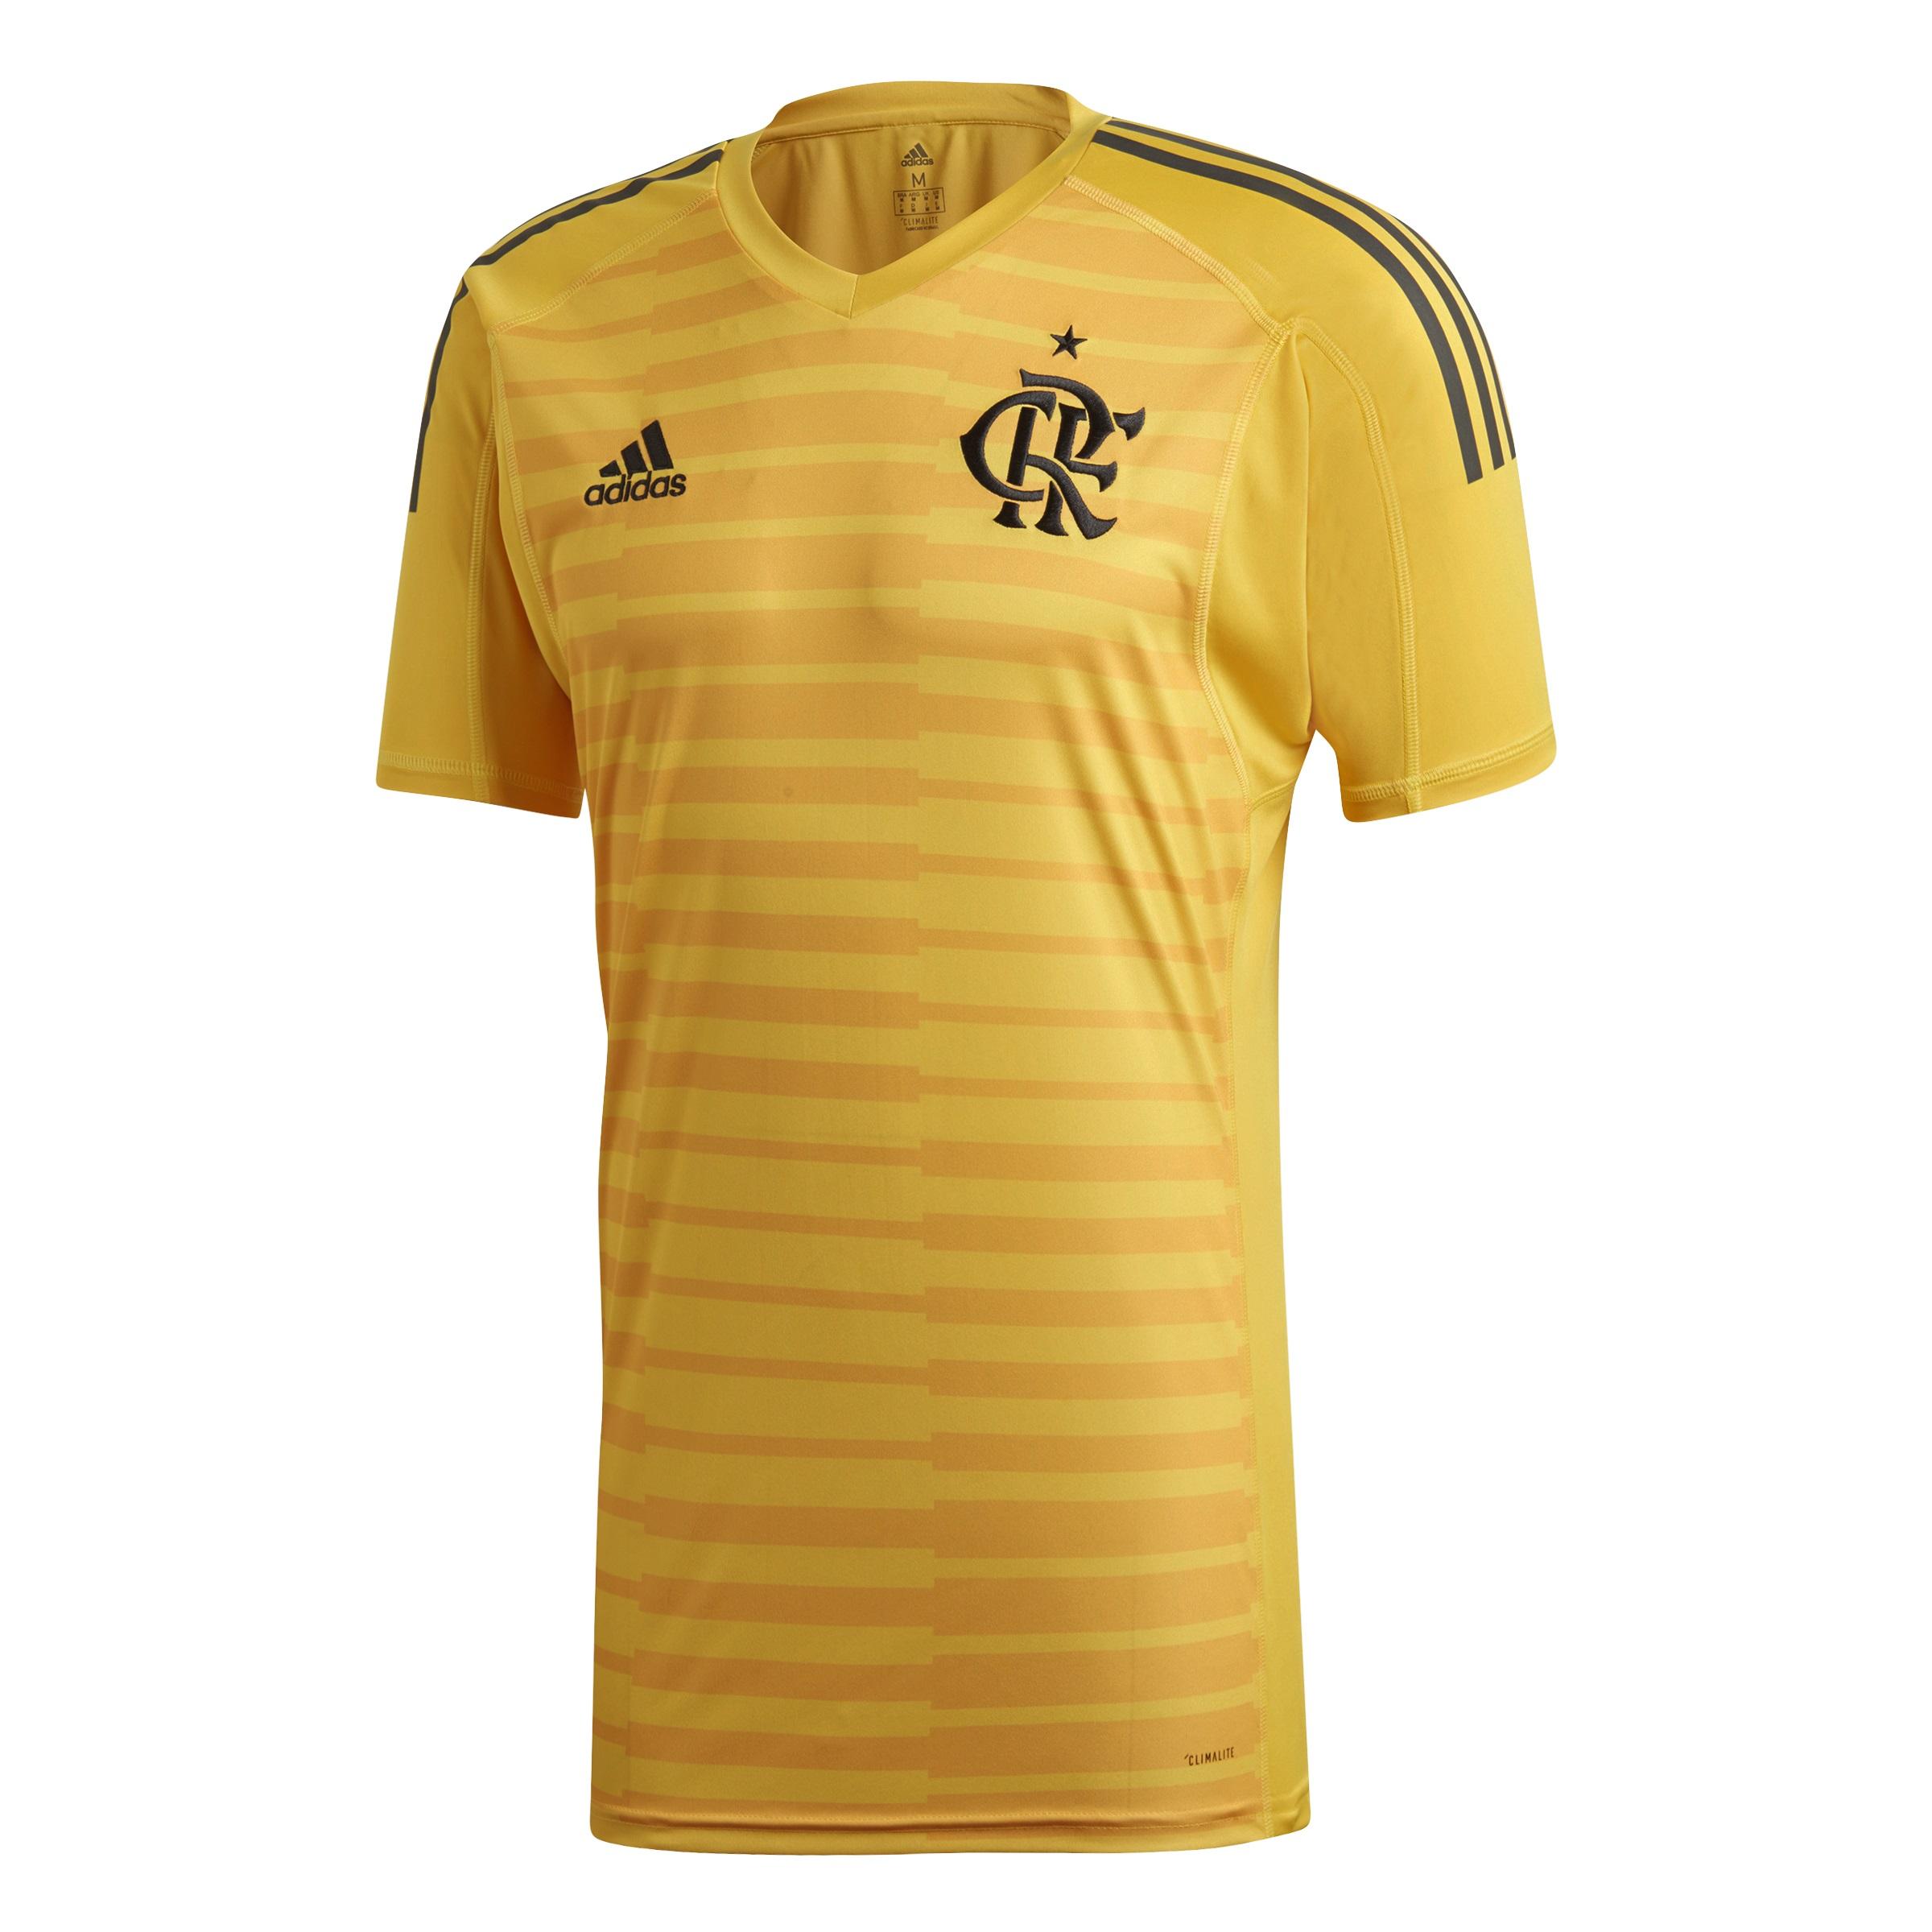 9889dc8dd3 Flamengo estreia camisa amarela de goleiros em jogo neste fim de semana